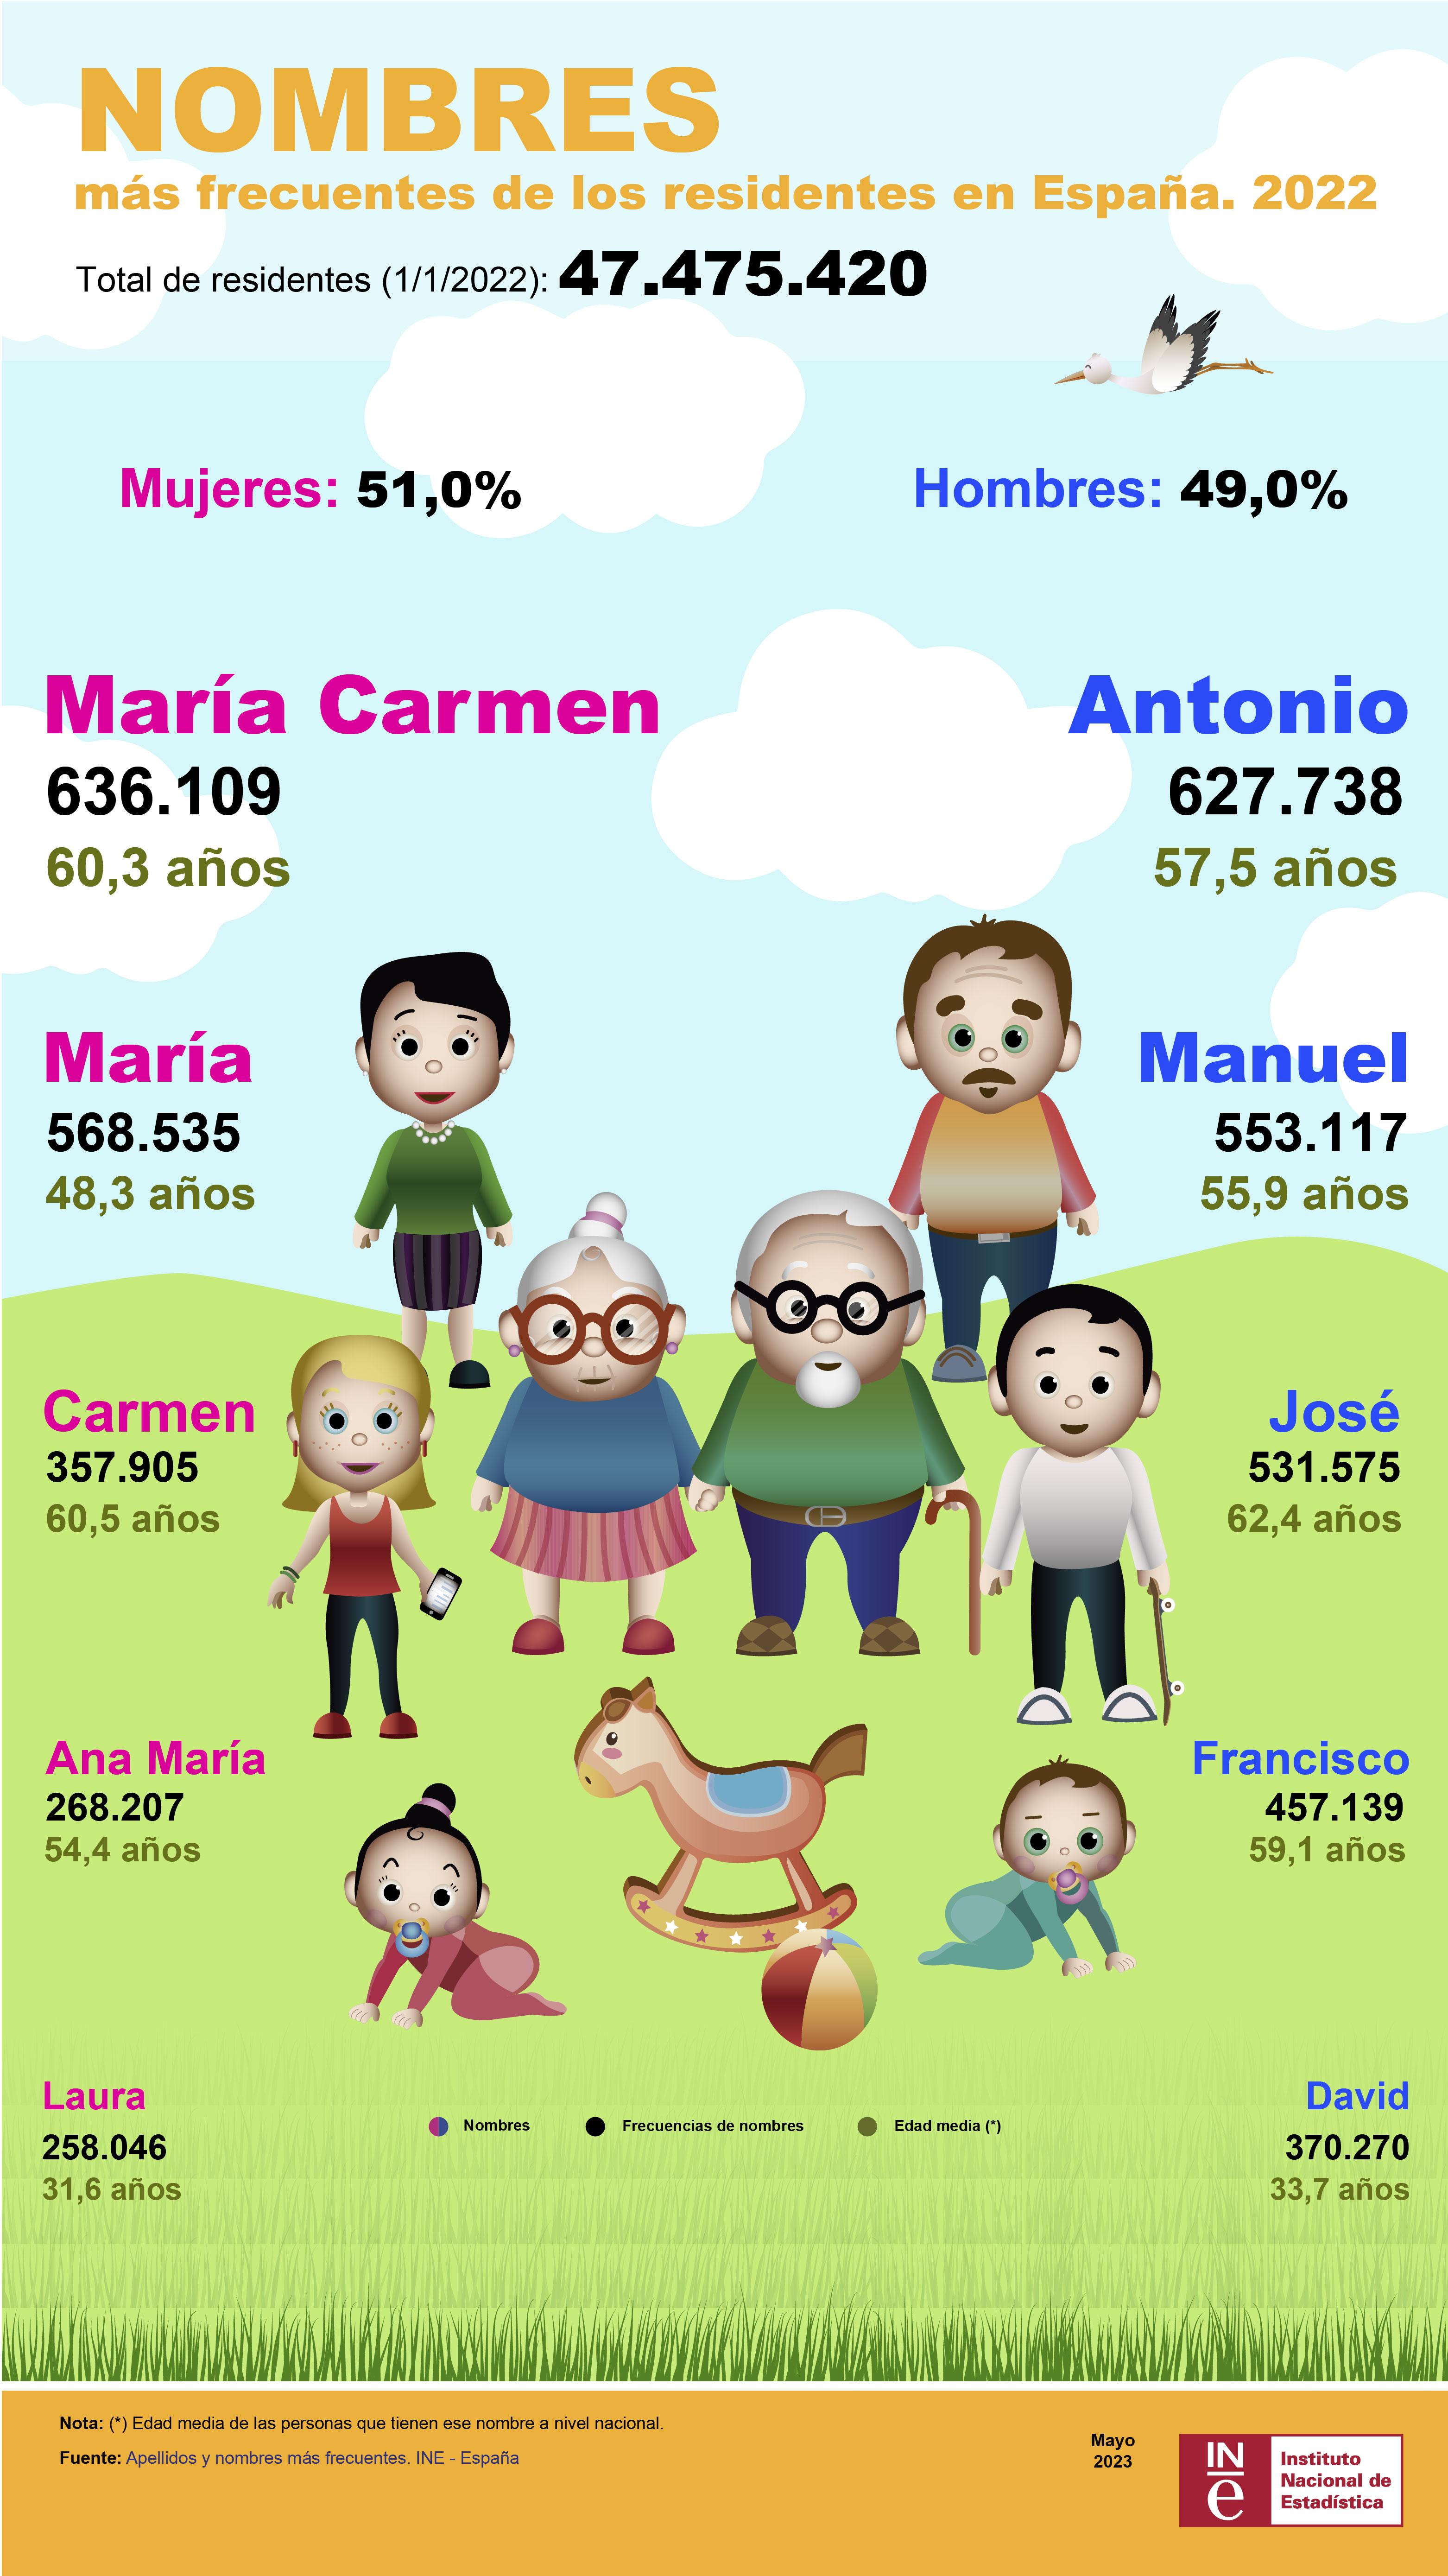 Nombres más frecuentes de los residentes en España